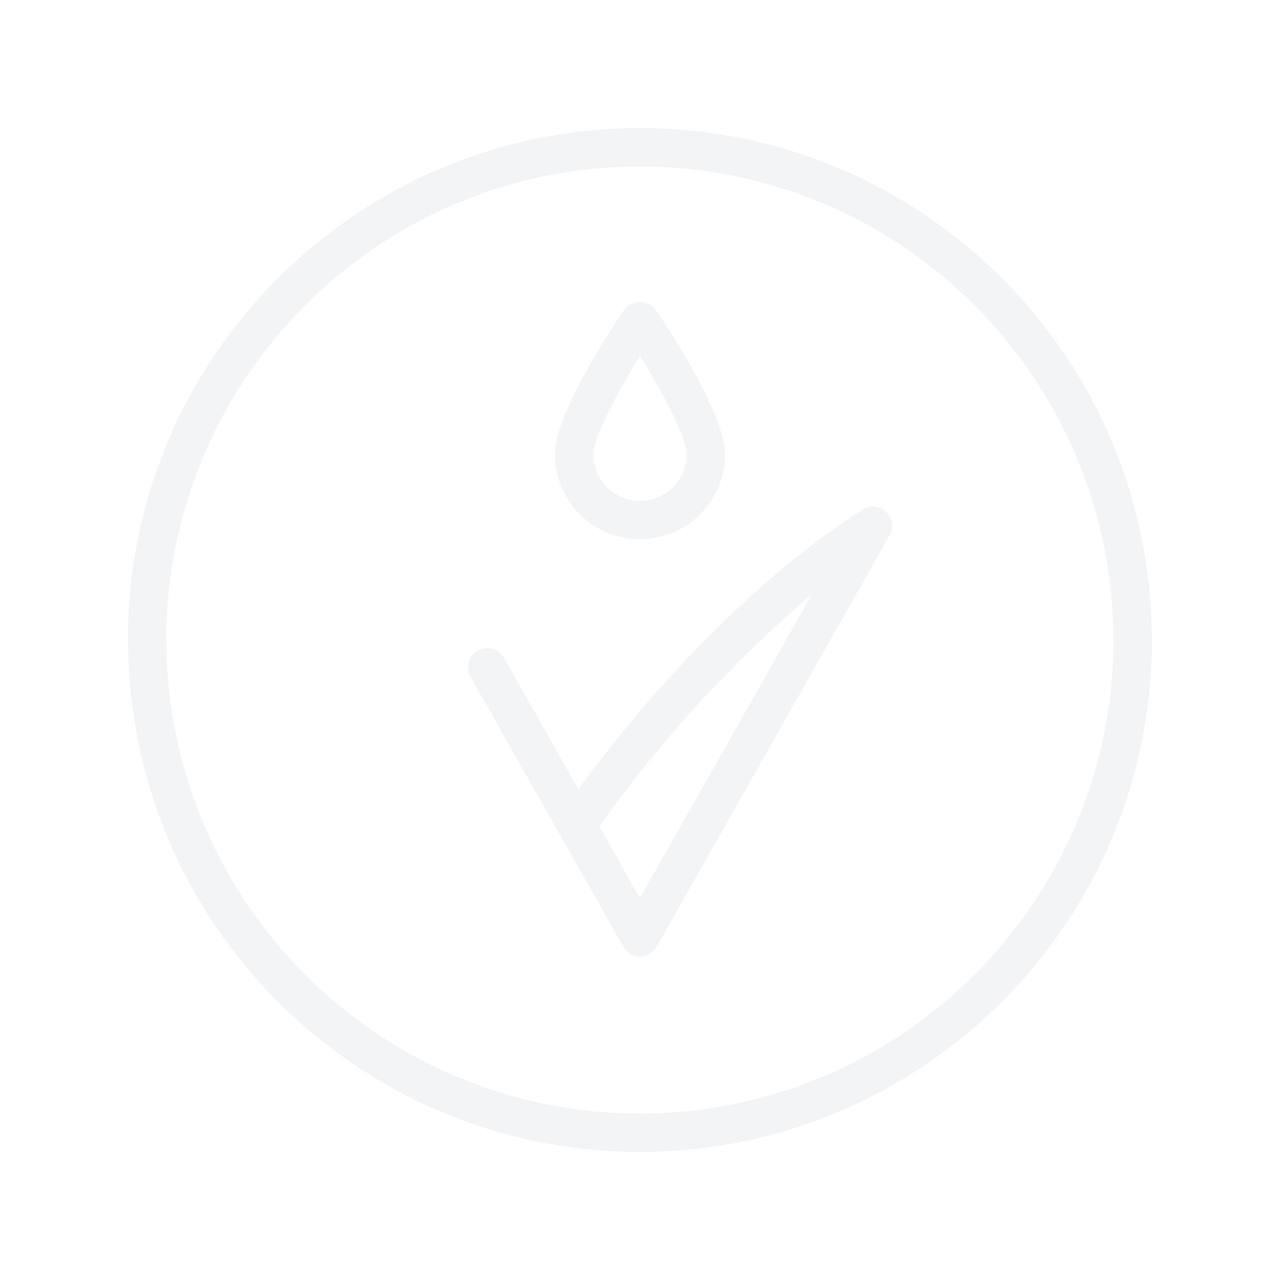 Dior Homme Sport 2012 Eau De Toilette